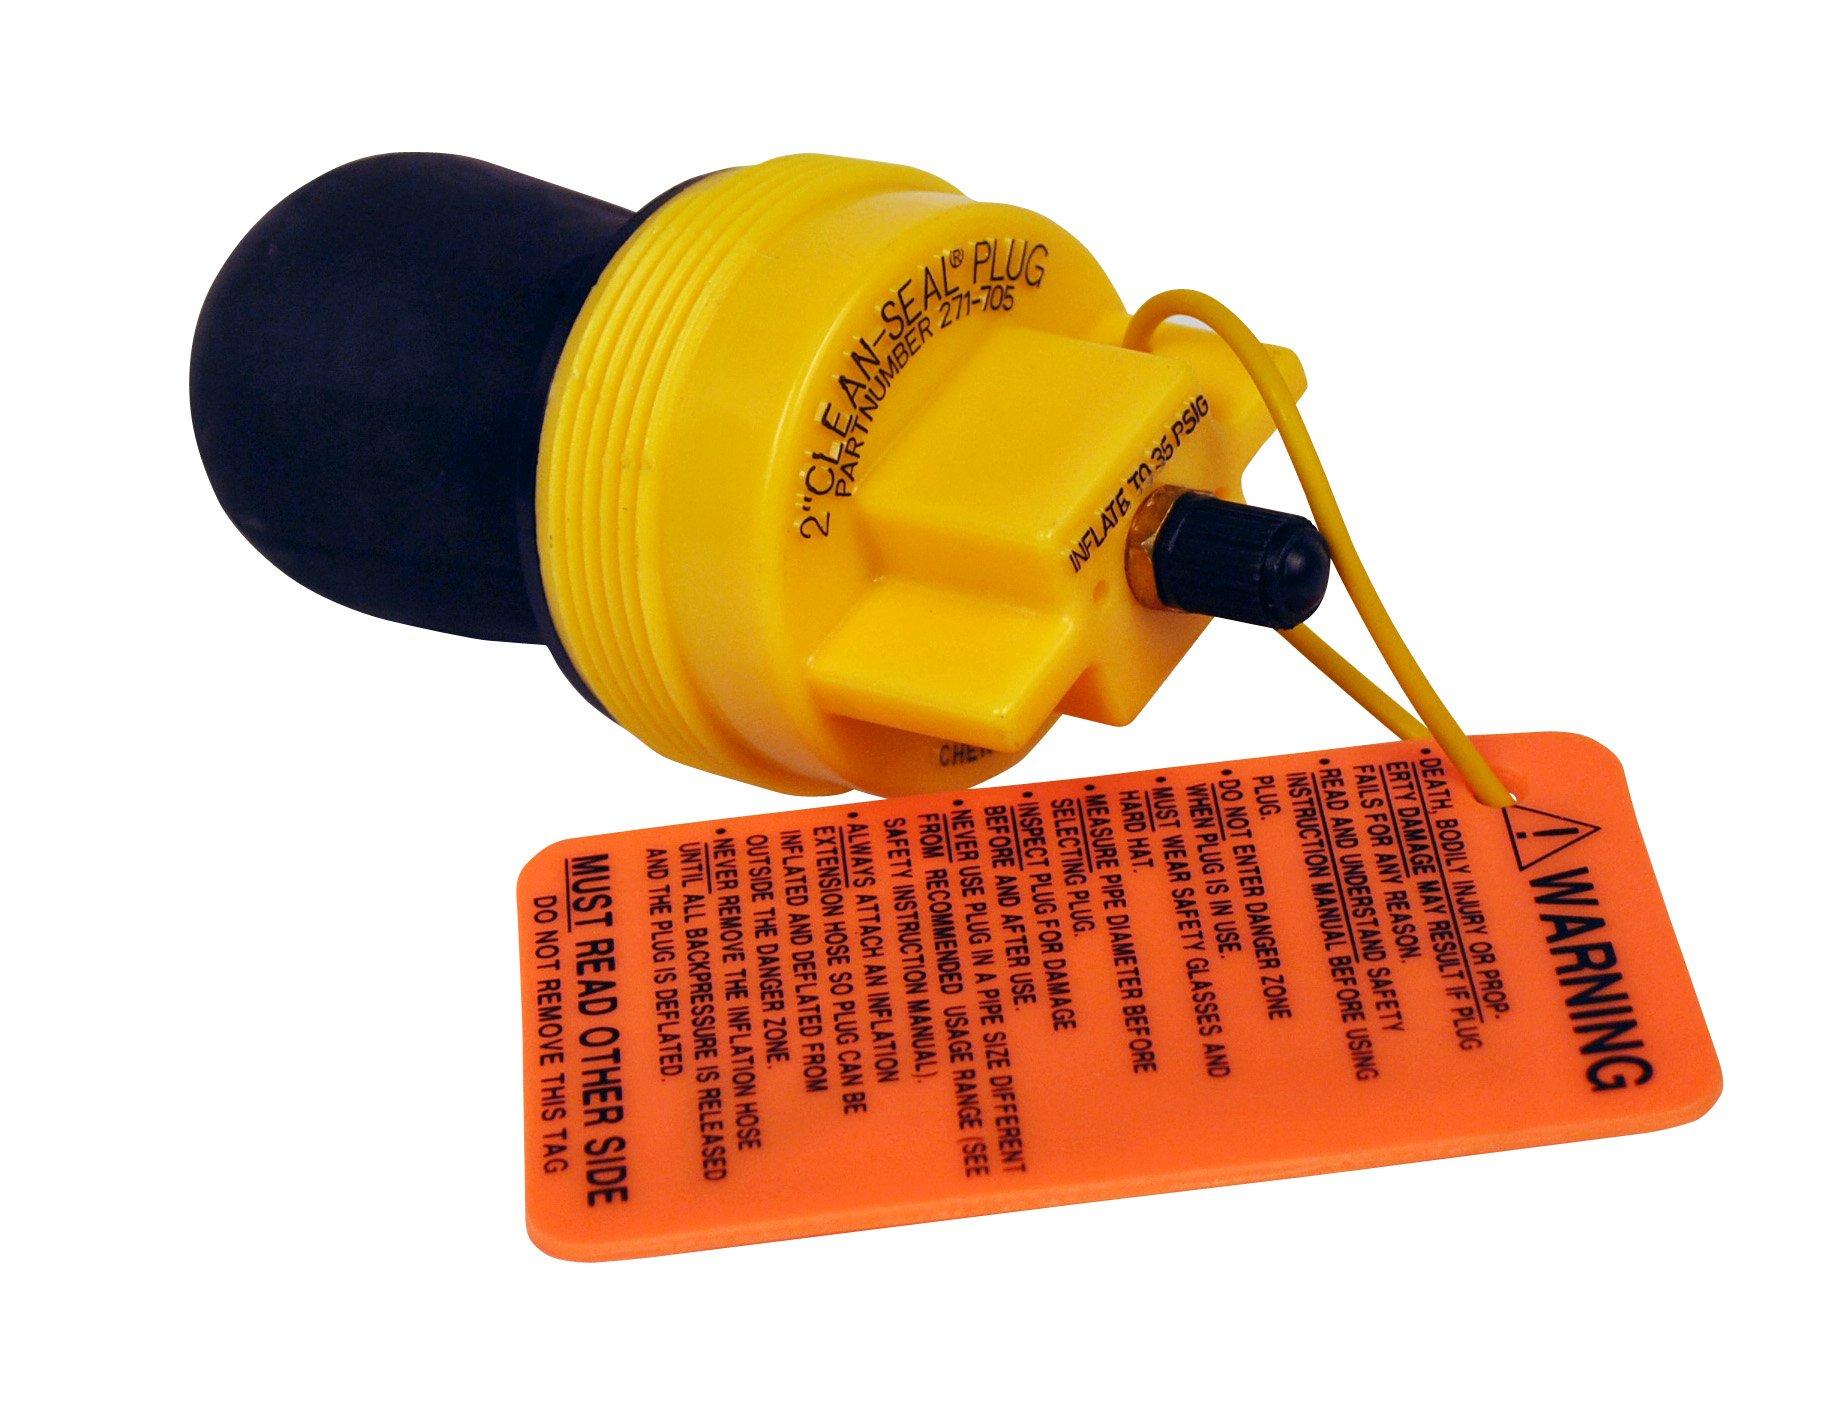 Oatey Oatey Cherne 271705 Clean-Seal 2-inch Plug